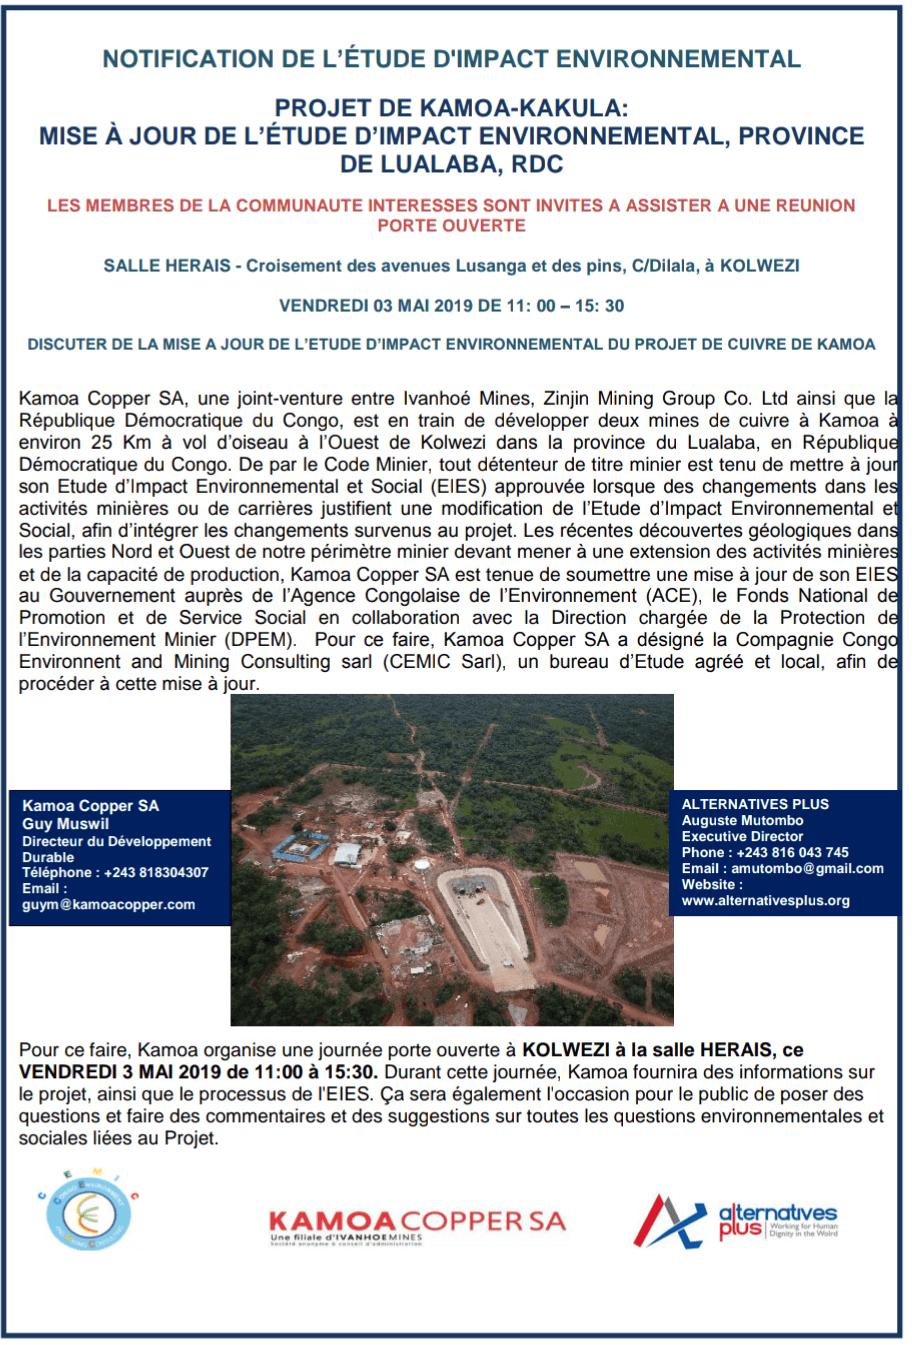 RDC : Kamoa, journée portes ouvertes sur l'impact environnemental ce 3 mai 2019 2